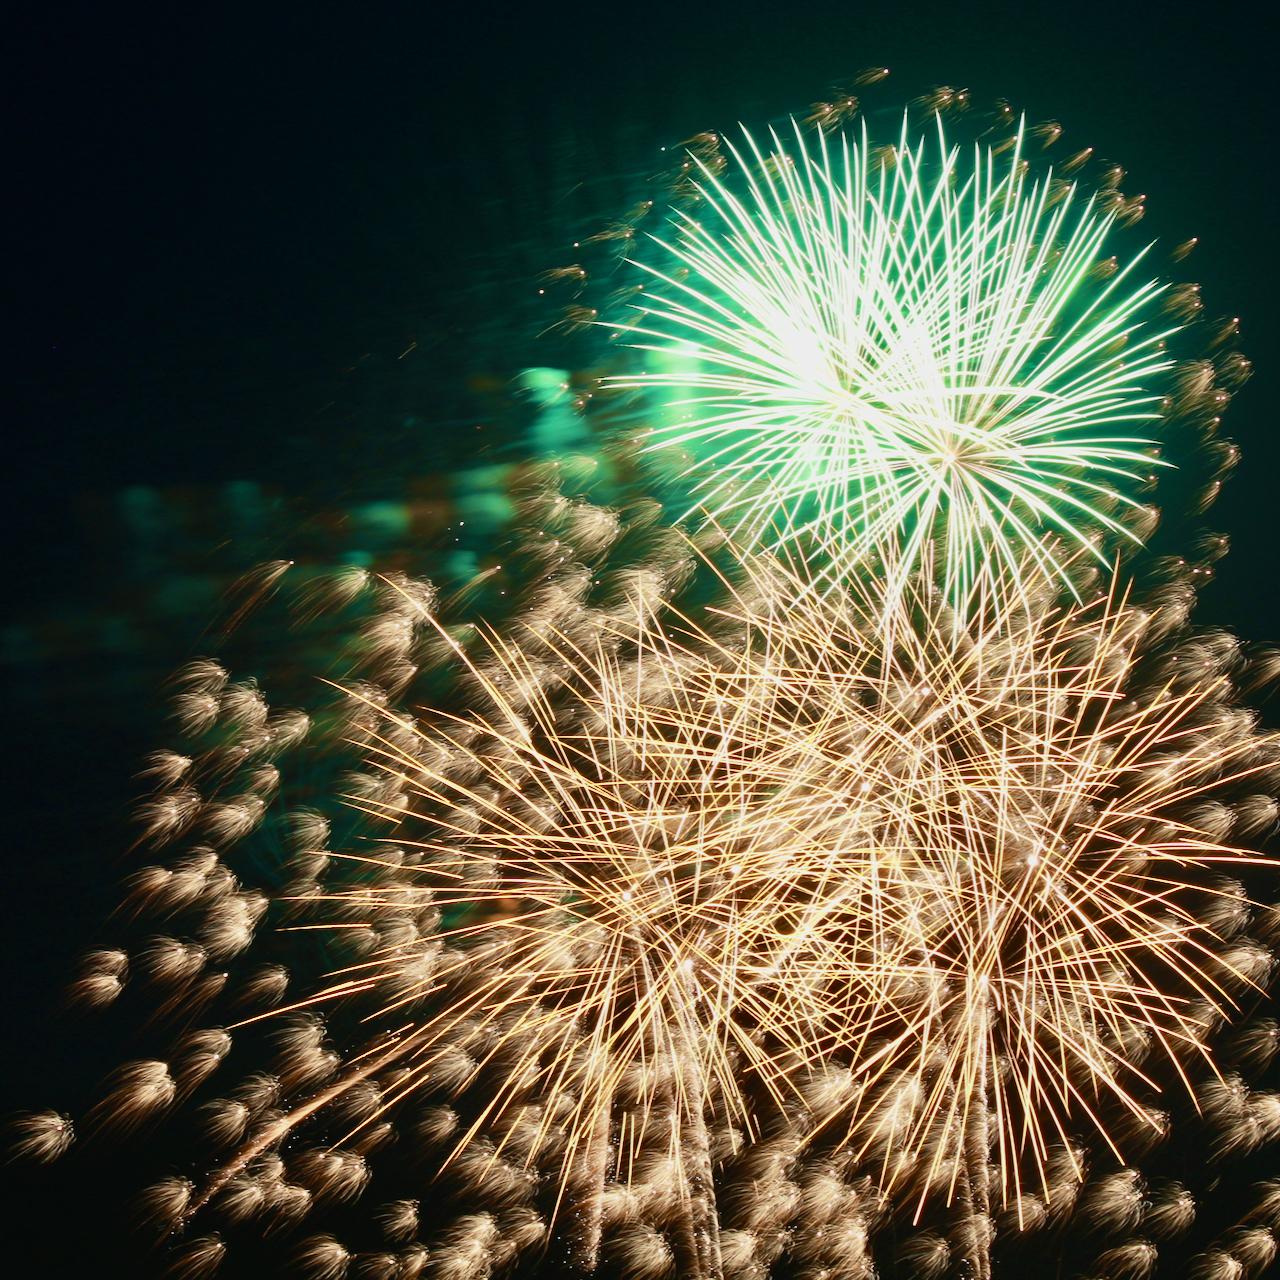 Fireworks: Vol. 2